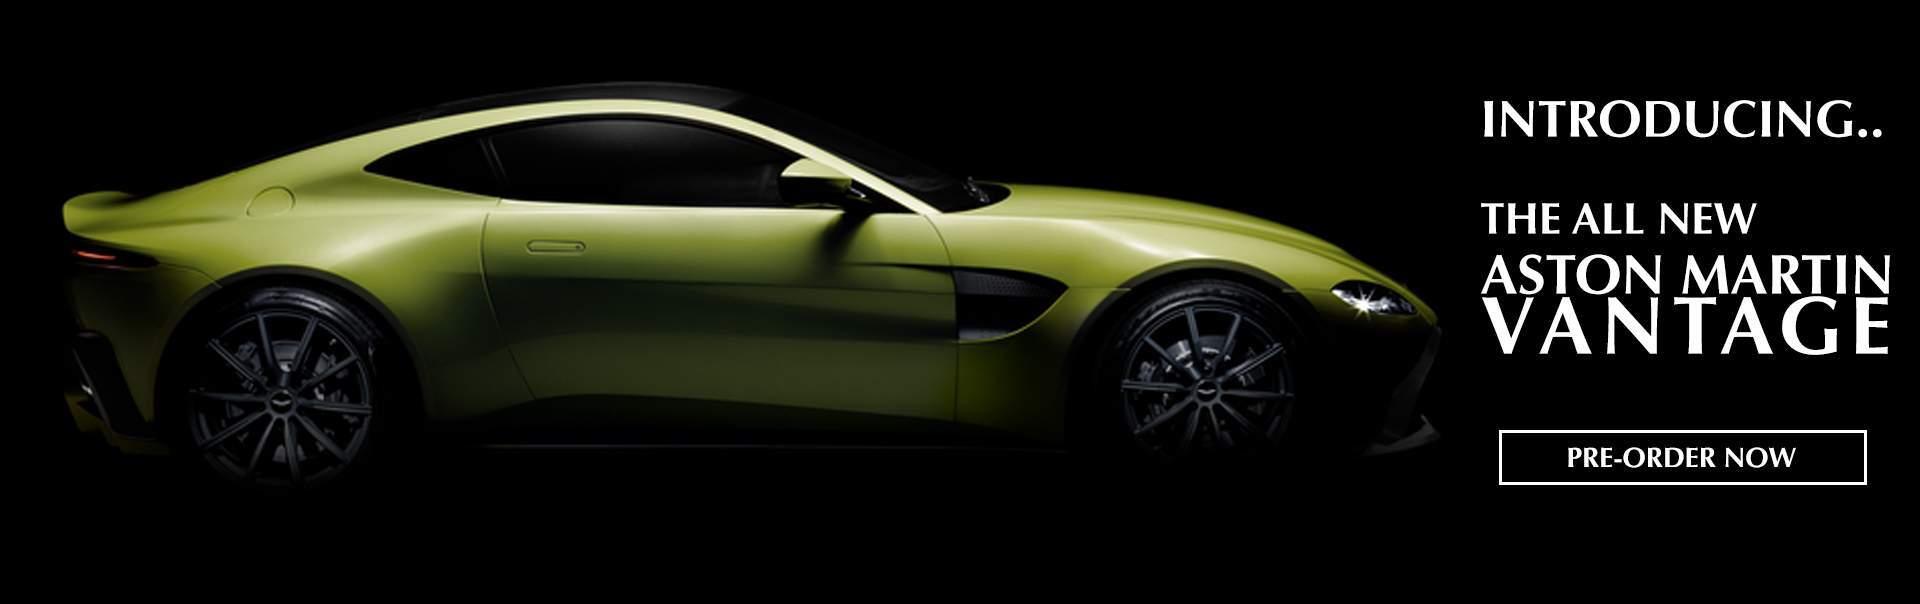 Los Gatos Luxury Cars New Used Cars Auto Dealer - Luxury cars